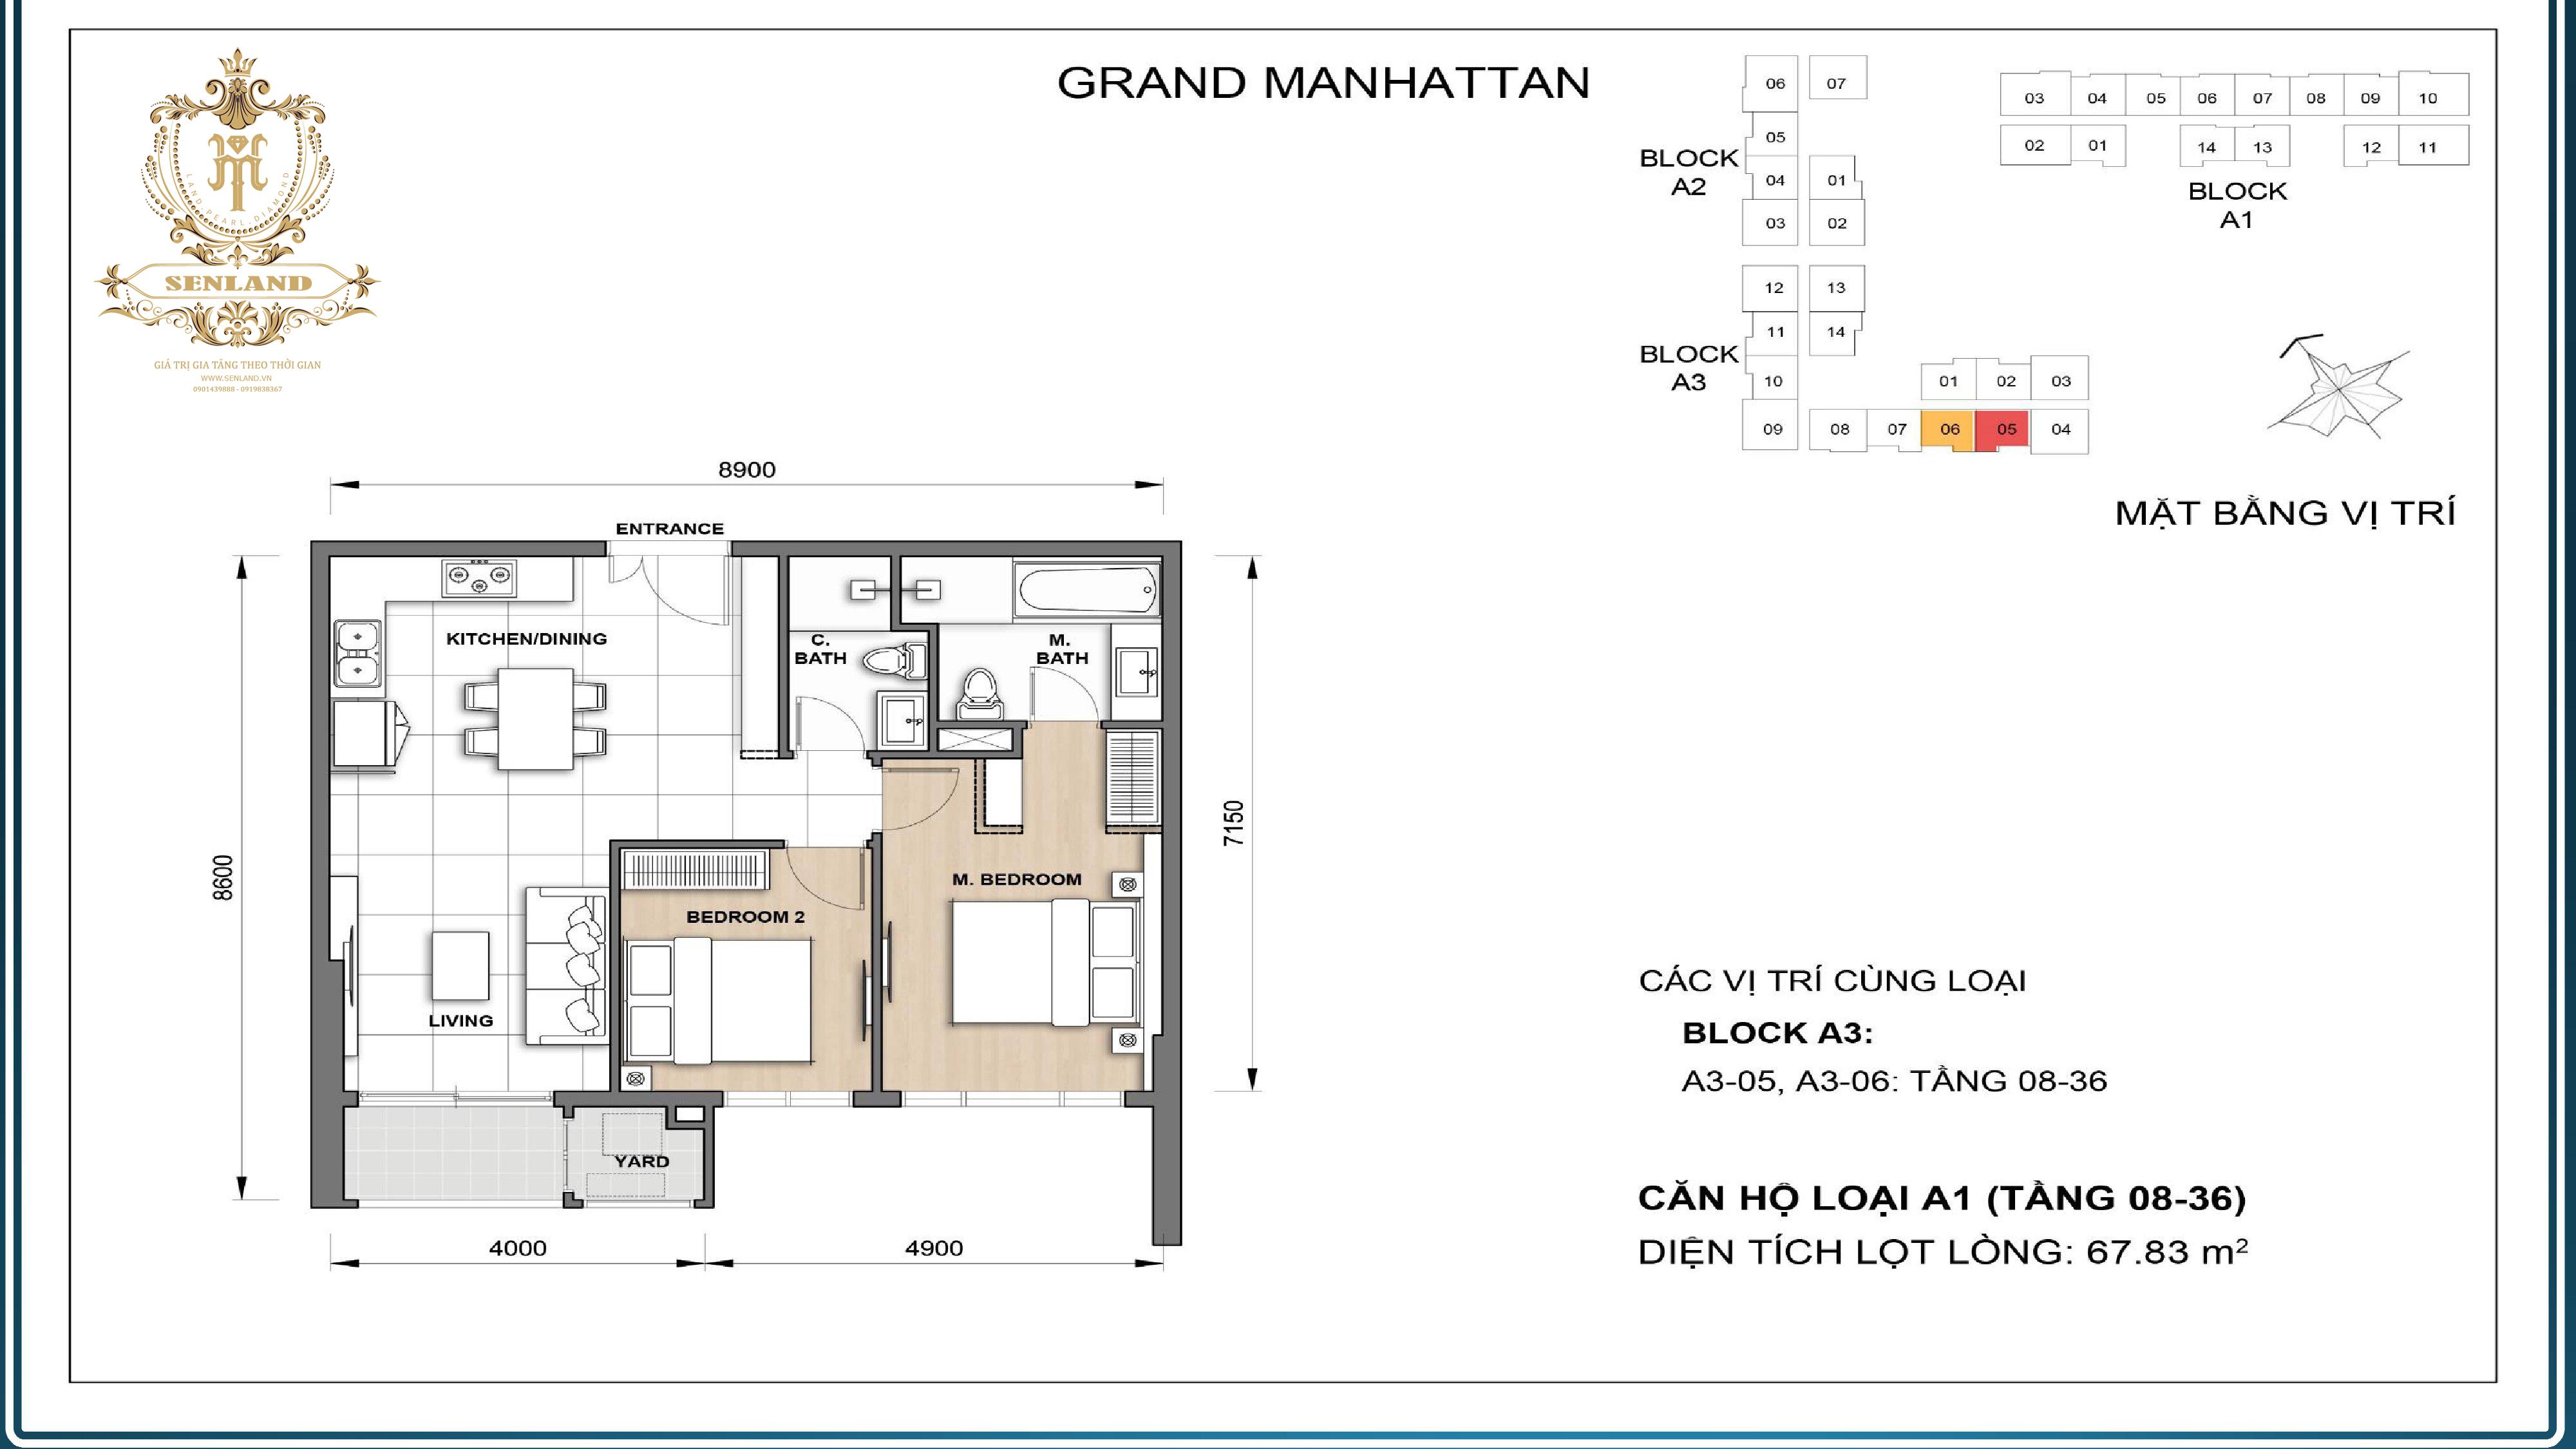 FILE-GII-THIU-THAP-THE-GRAND-MANHATTAN-2019-06-0525-00.jpg